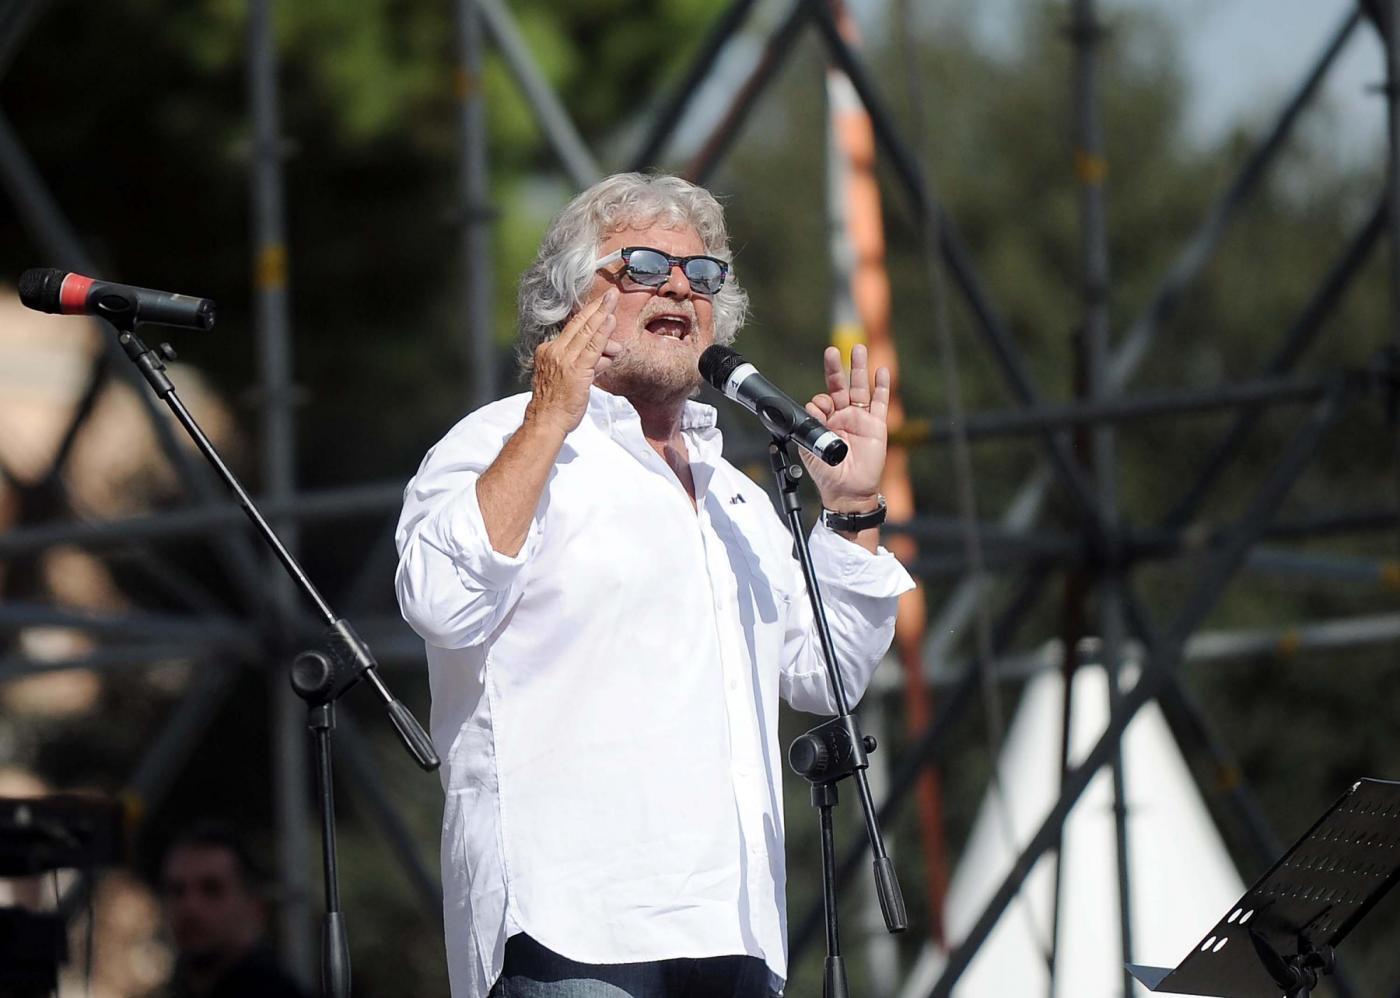 Festa M5S al Circo Massimo: Grillo invoca l'esercito contro Renzi